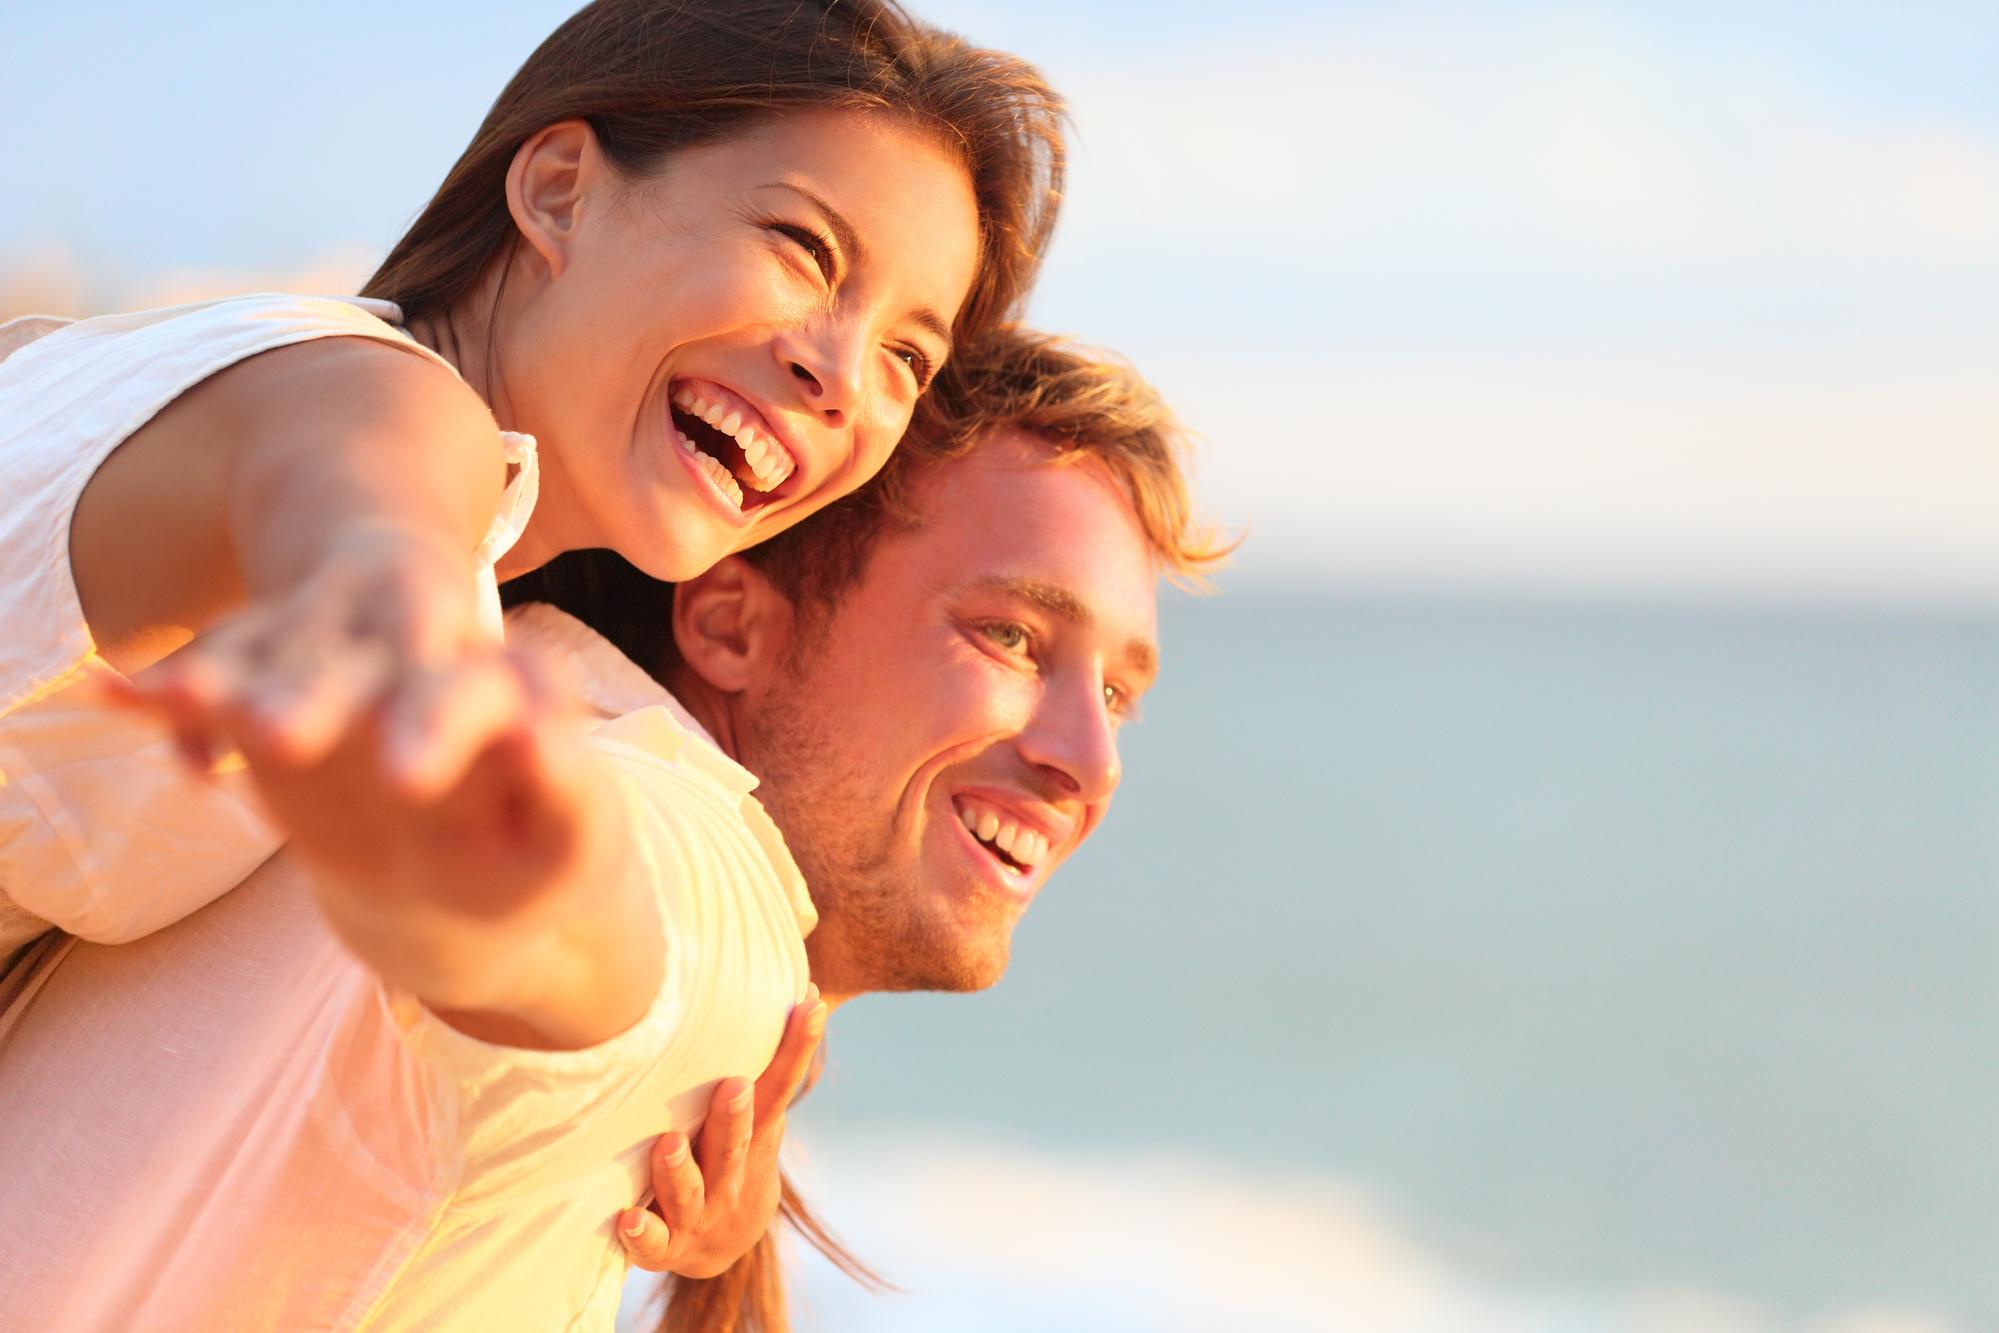 A Dozen Things You Can Do to Keep Your Marriage Fresh & Fun